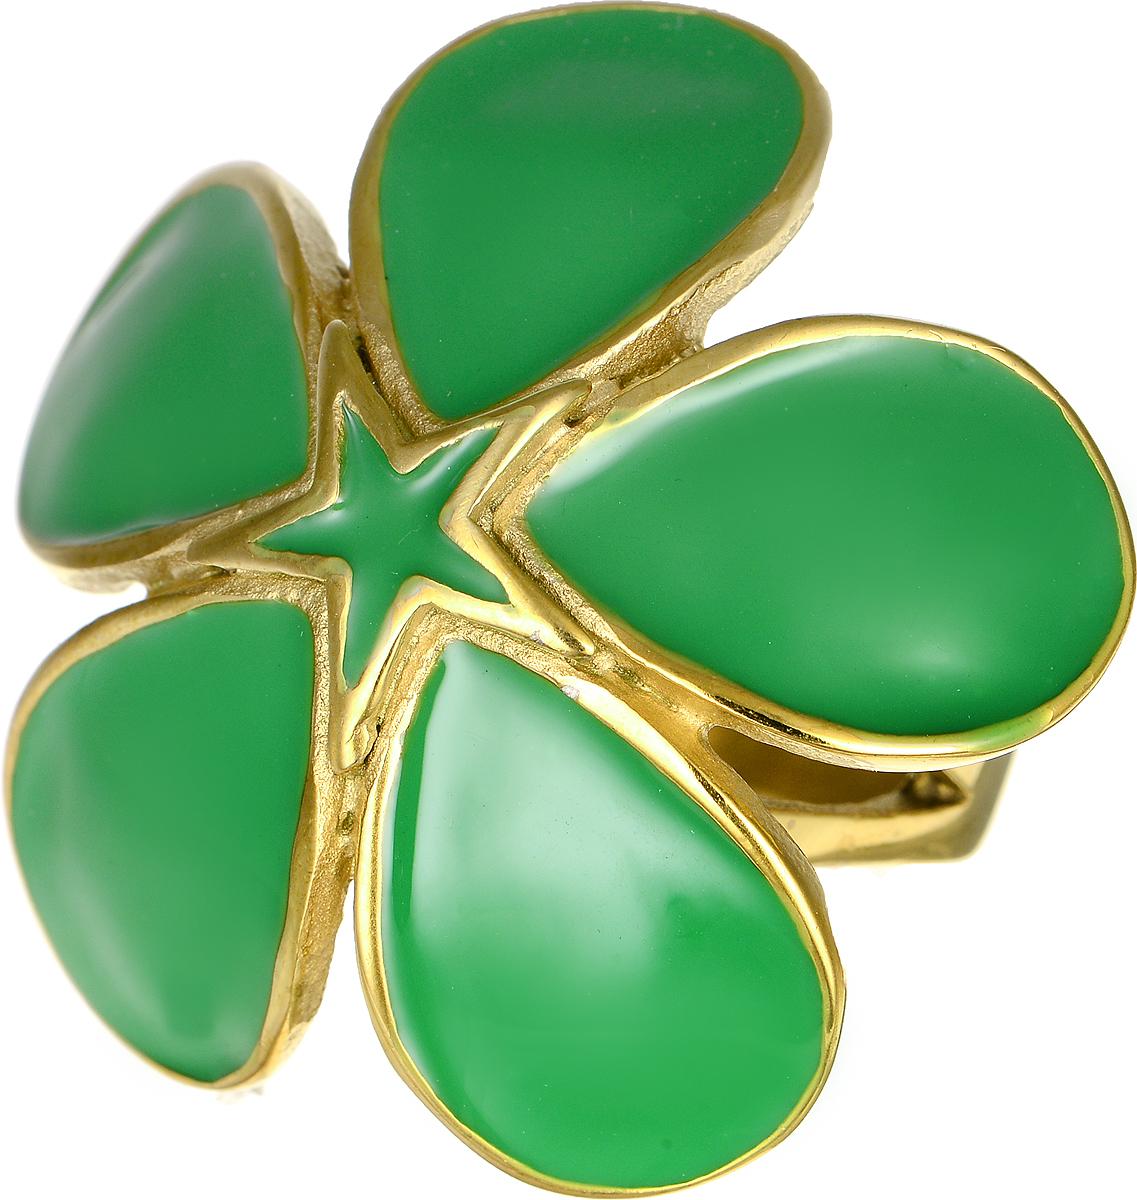 Кольцо Polina Selezneva, цвет: золотистый, зеленый. DG-0004. Размер 19Коктейльное кольцоСтильное кольцо Polina Selezneva изготовлено из качественного металлического сплава. Декоративная часть выполнена в виде цветка с покрытием из эмали.